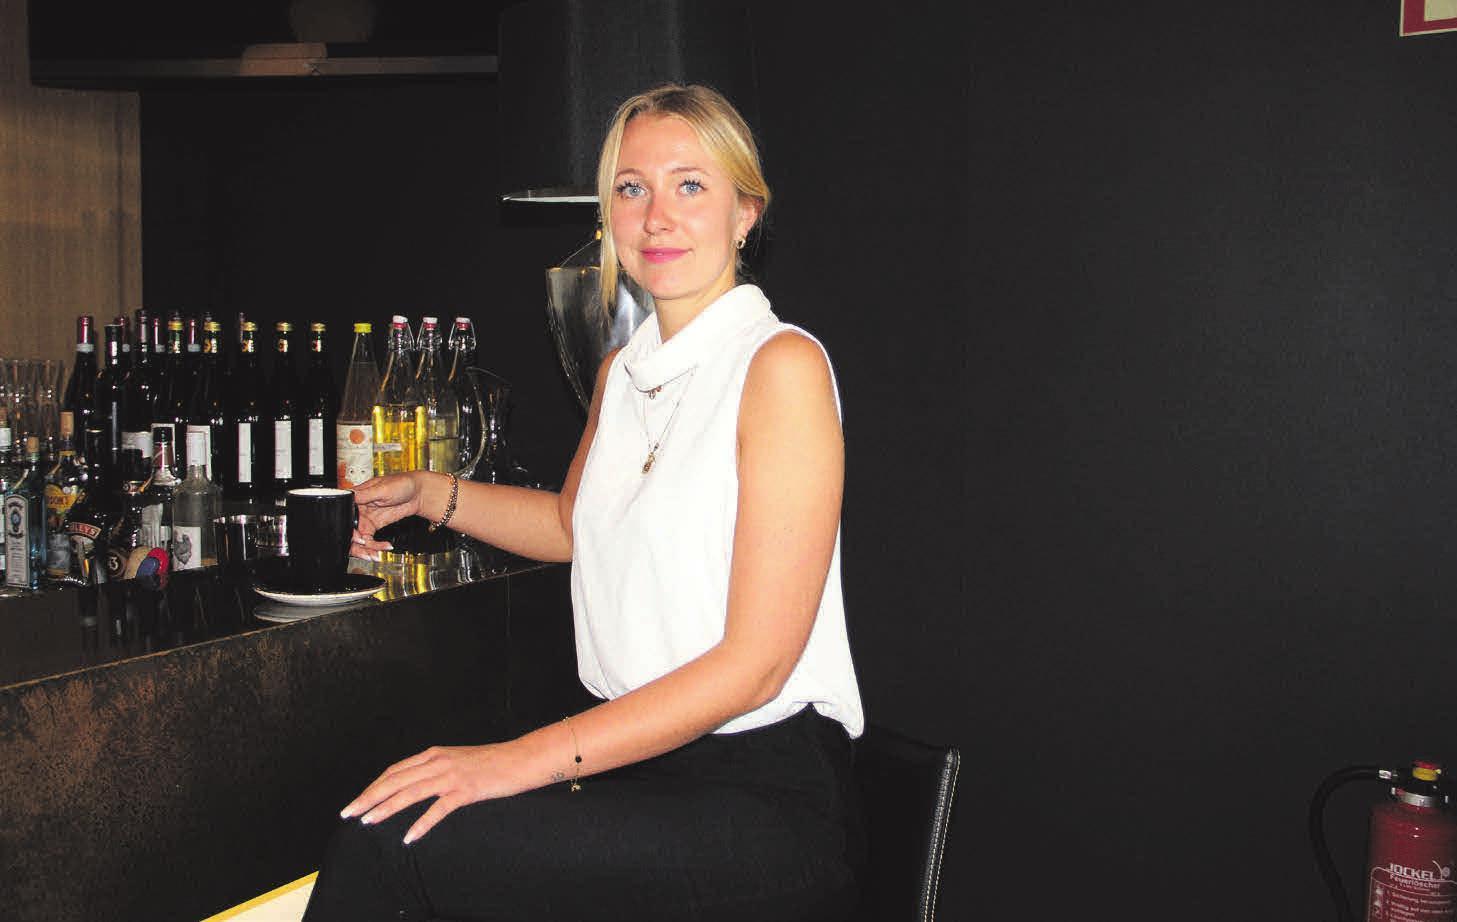 Jennifer Manhardt freut sich auf die Wiedereröffnung. Fotos: Lichtinger